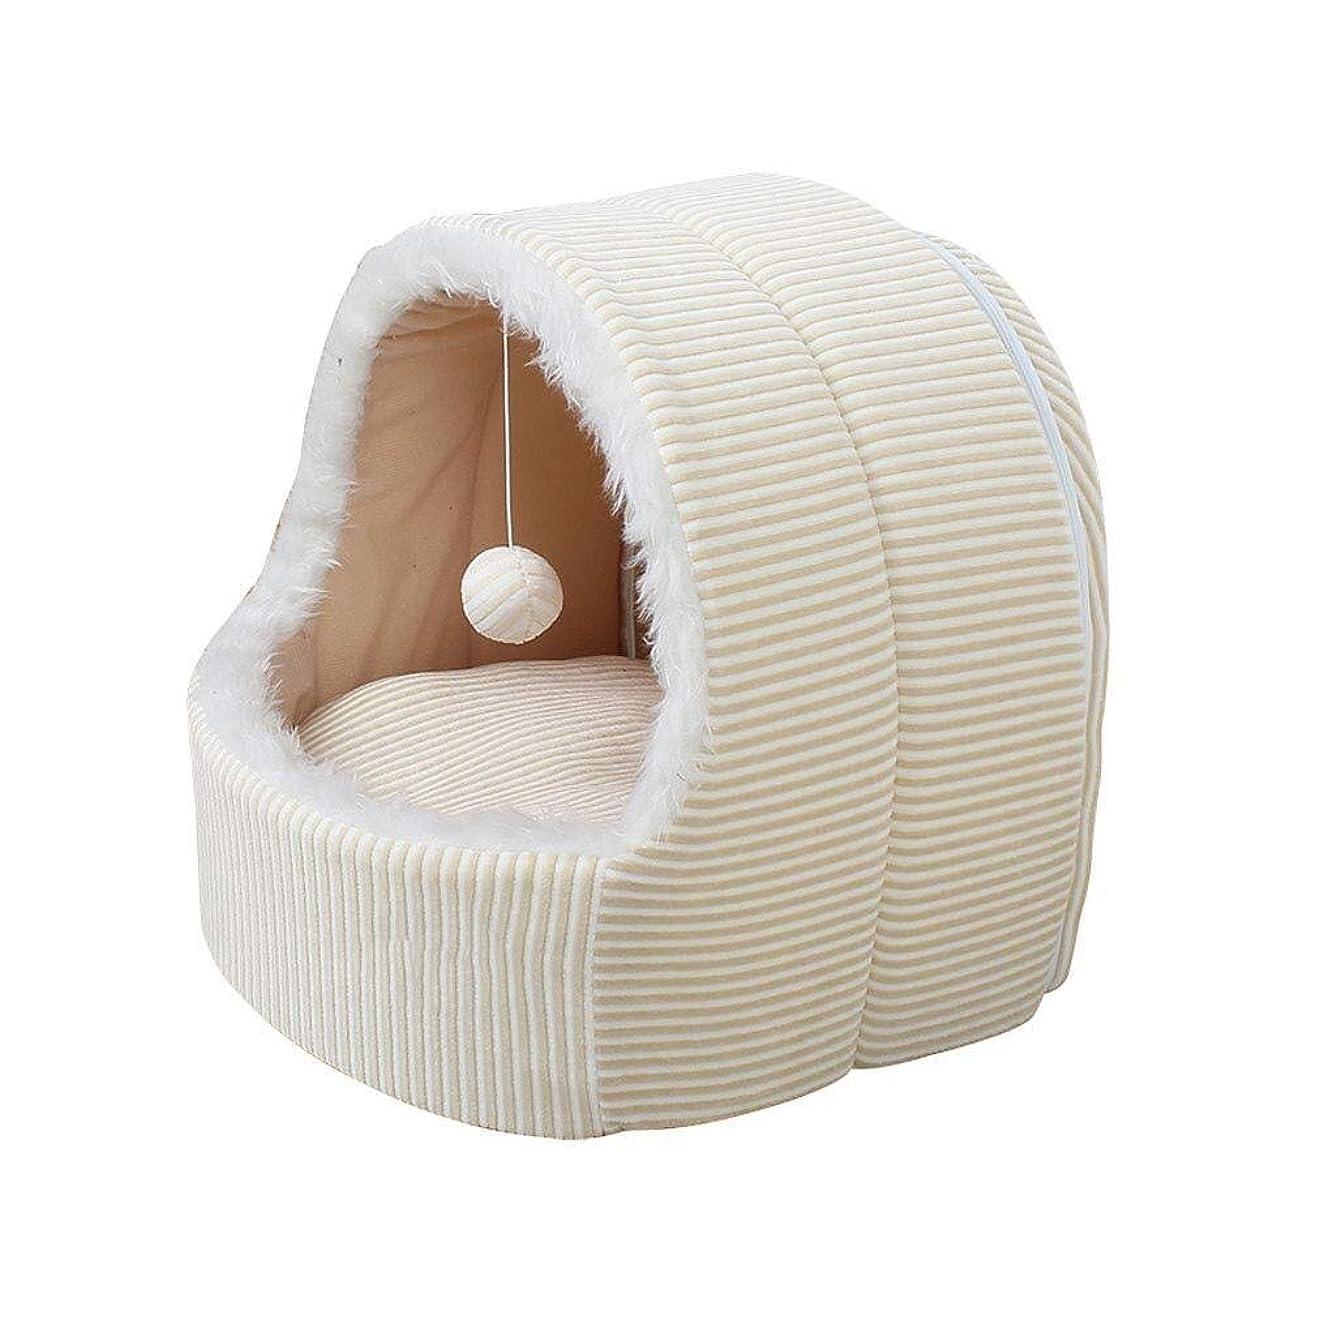 驚いたことに変装した詩ペット用ベッド犬用ベッドキャットパッドペットクッション猫用トイレタリー、白かわいい洞窟快適な猫のバスケット子犬四季普遍的な洗える(サイズ:48センチメートル)